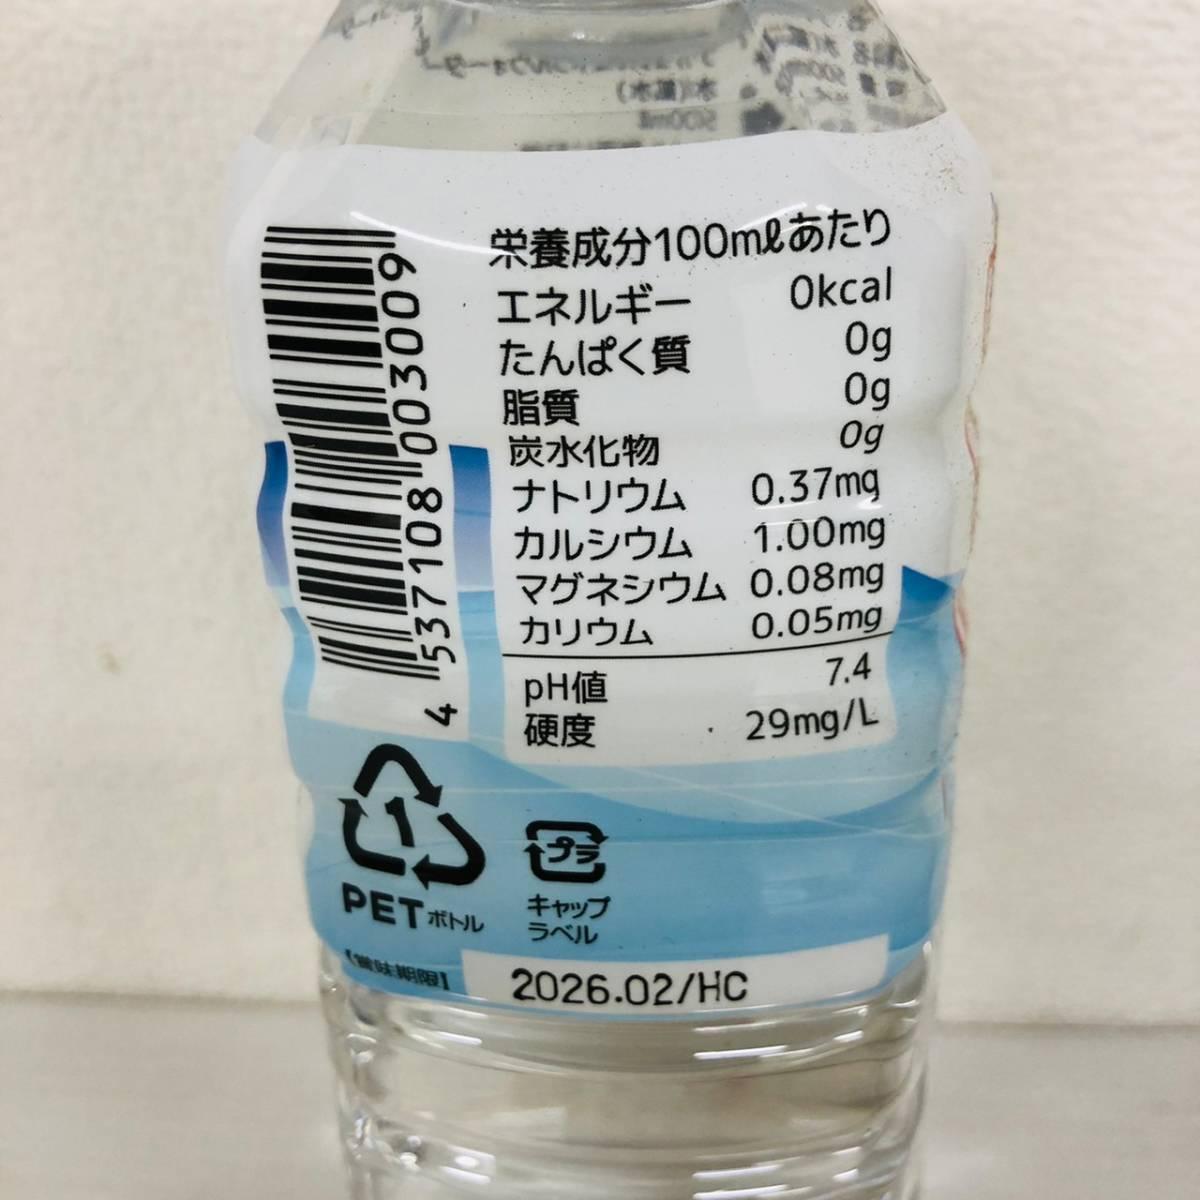 7年保存 天然水 500ml 24本 ケース販売 賞味期限2026.2月 保存水 ナチュラルミネラルウォーター 軟水_画像7